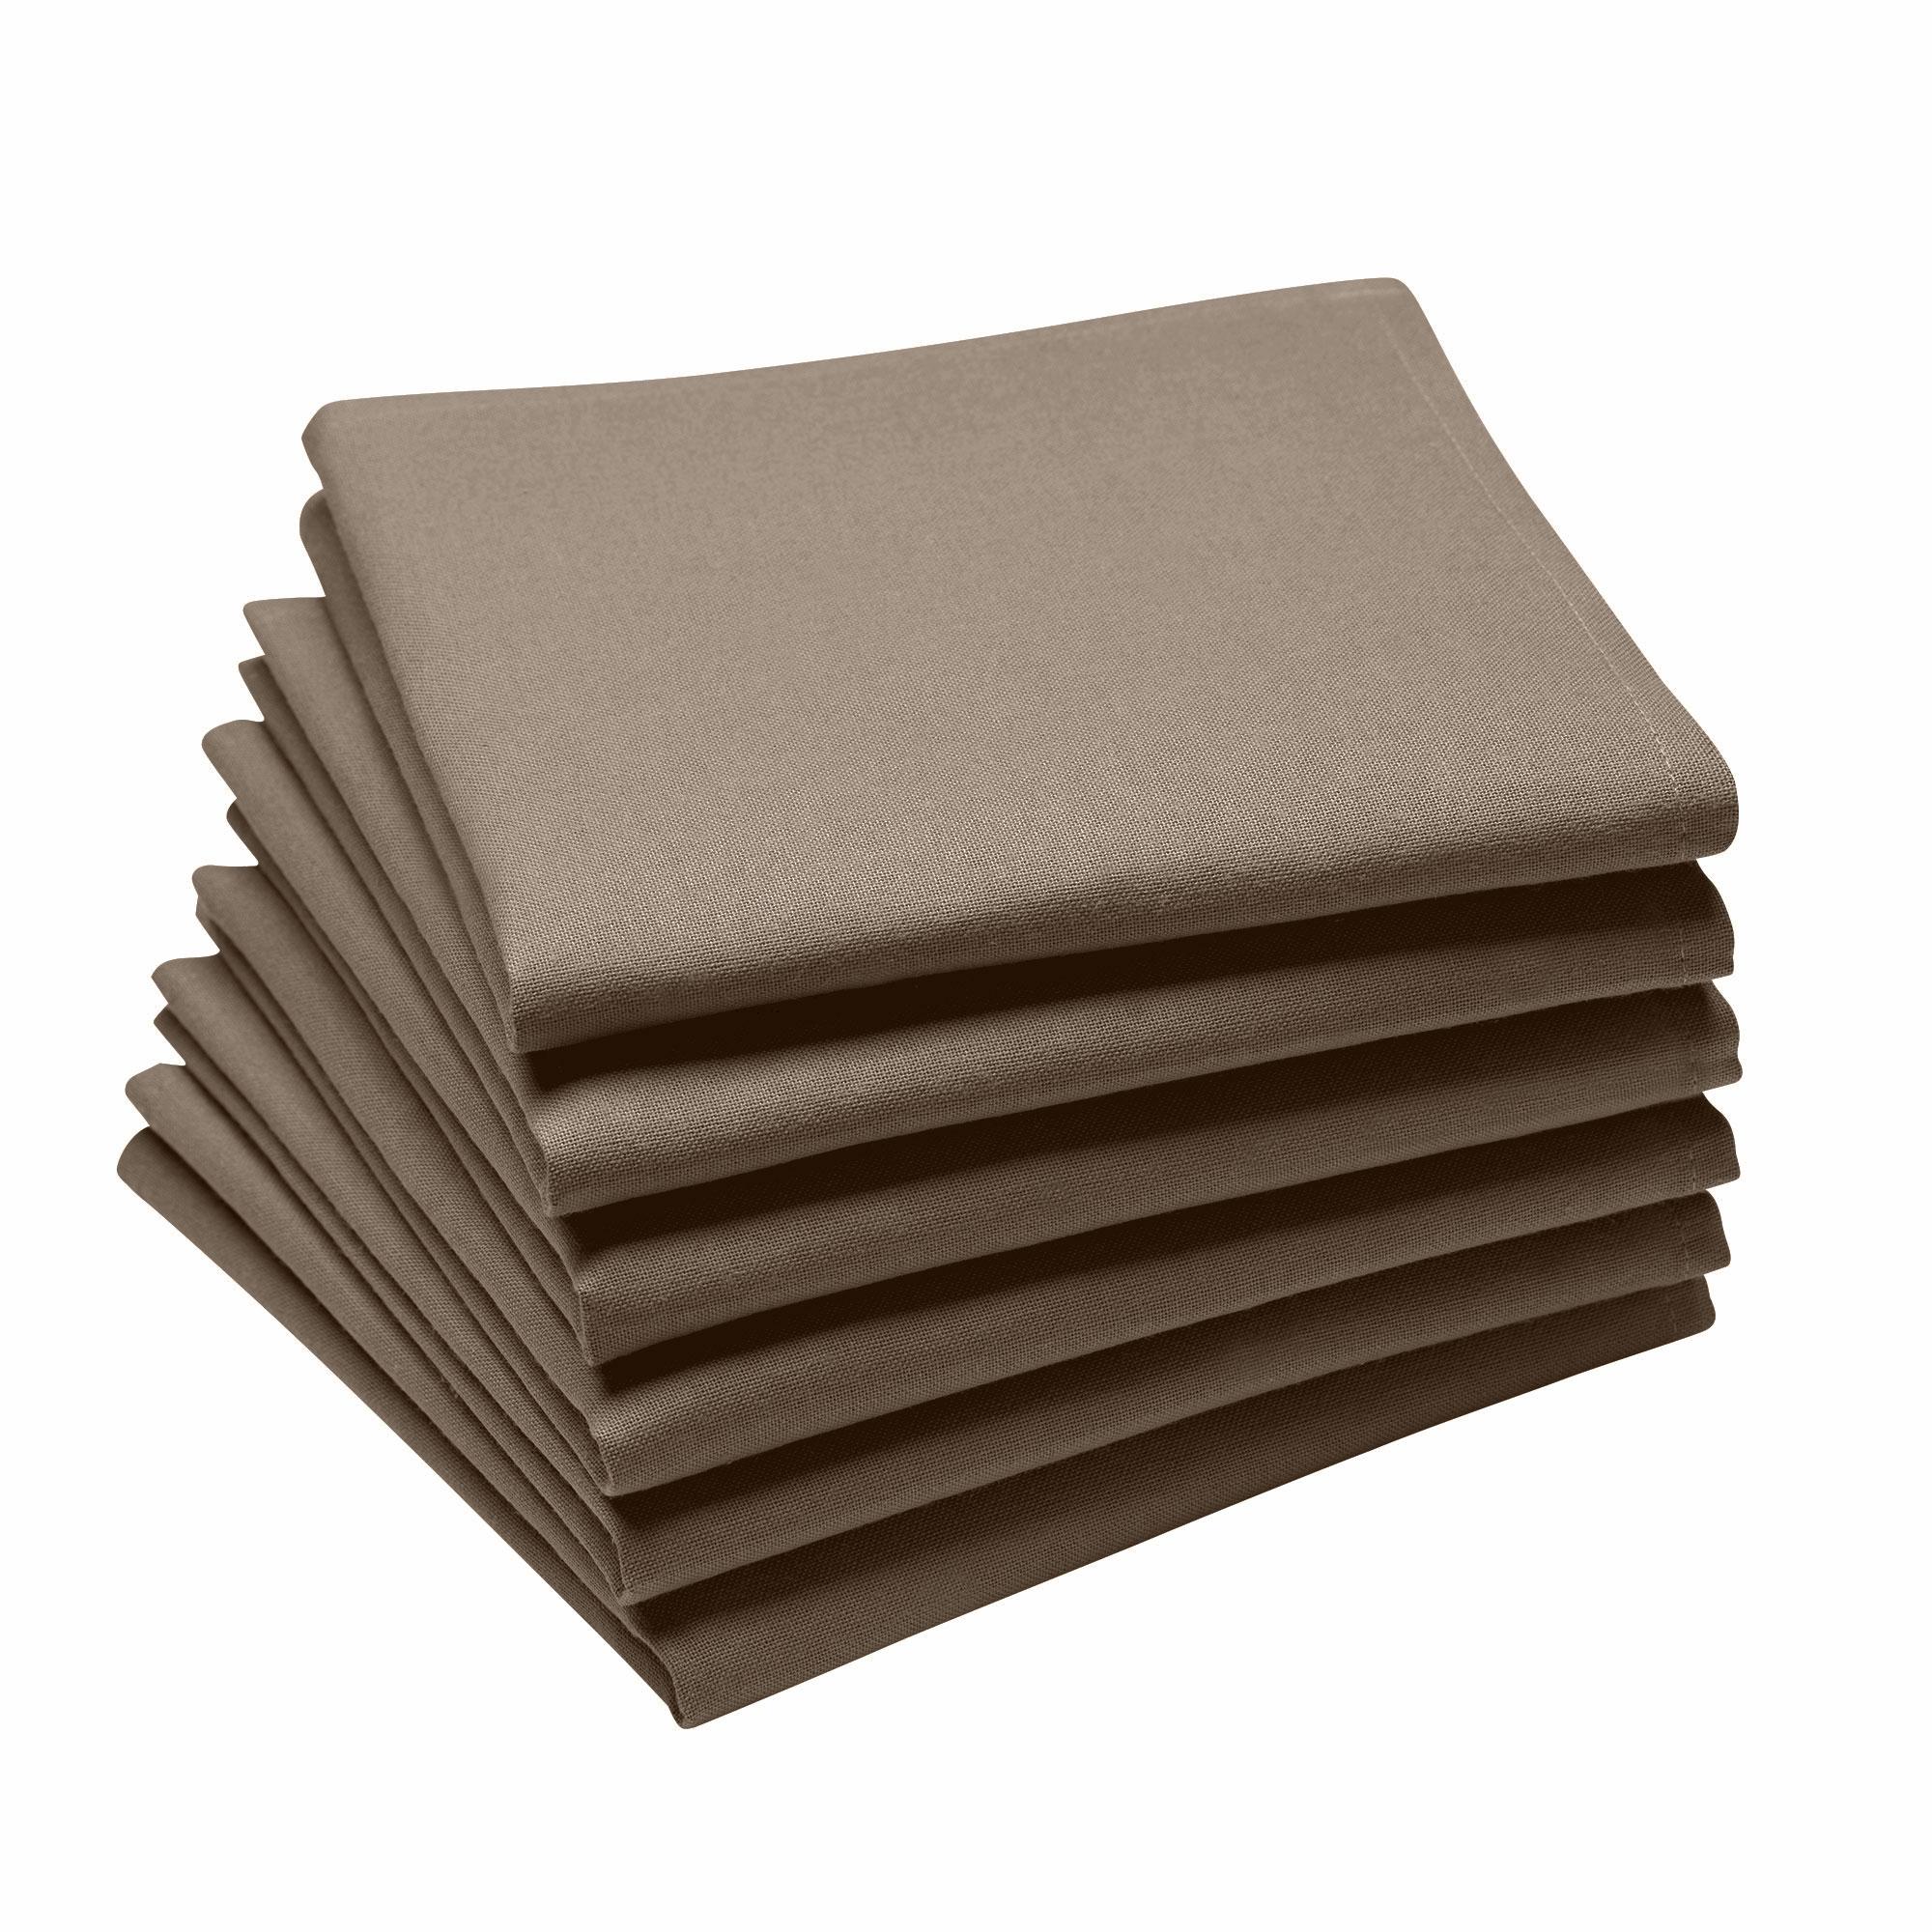 Lot de 6 serviettes en coton traite Teflon, Truffe 45 x 45